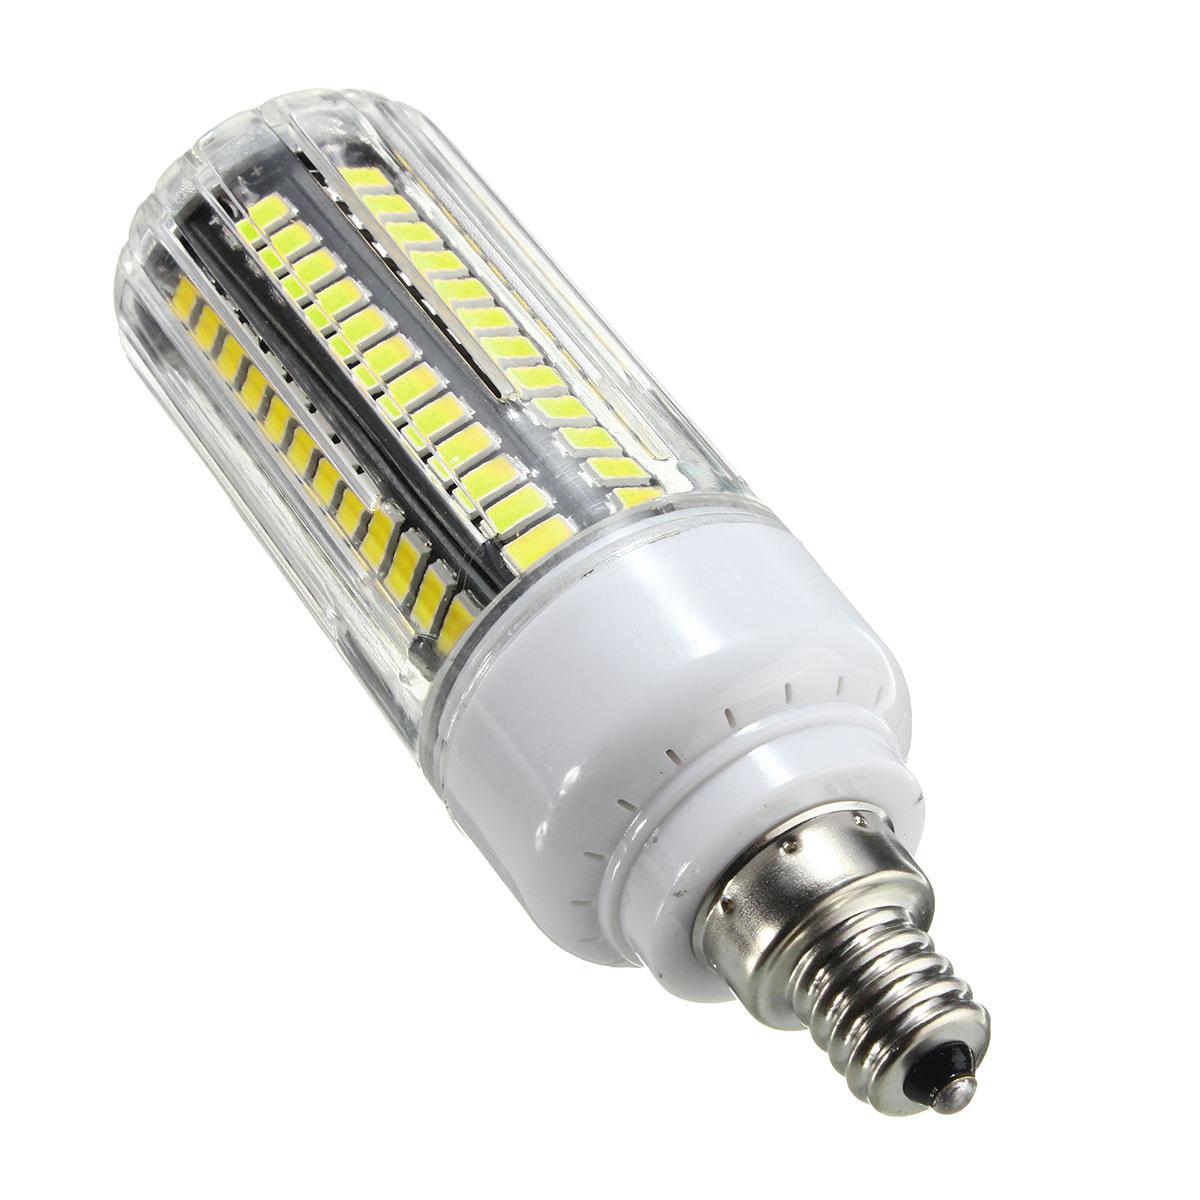 E14 E12 B22 GU10 G9 E27 LED 9W 105 SMD 5730 Warm White White Fire Cover Corn LED Bulb Light AC220V